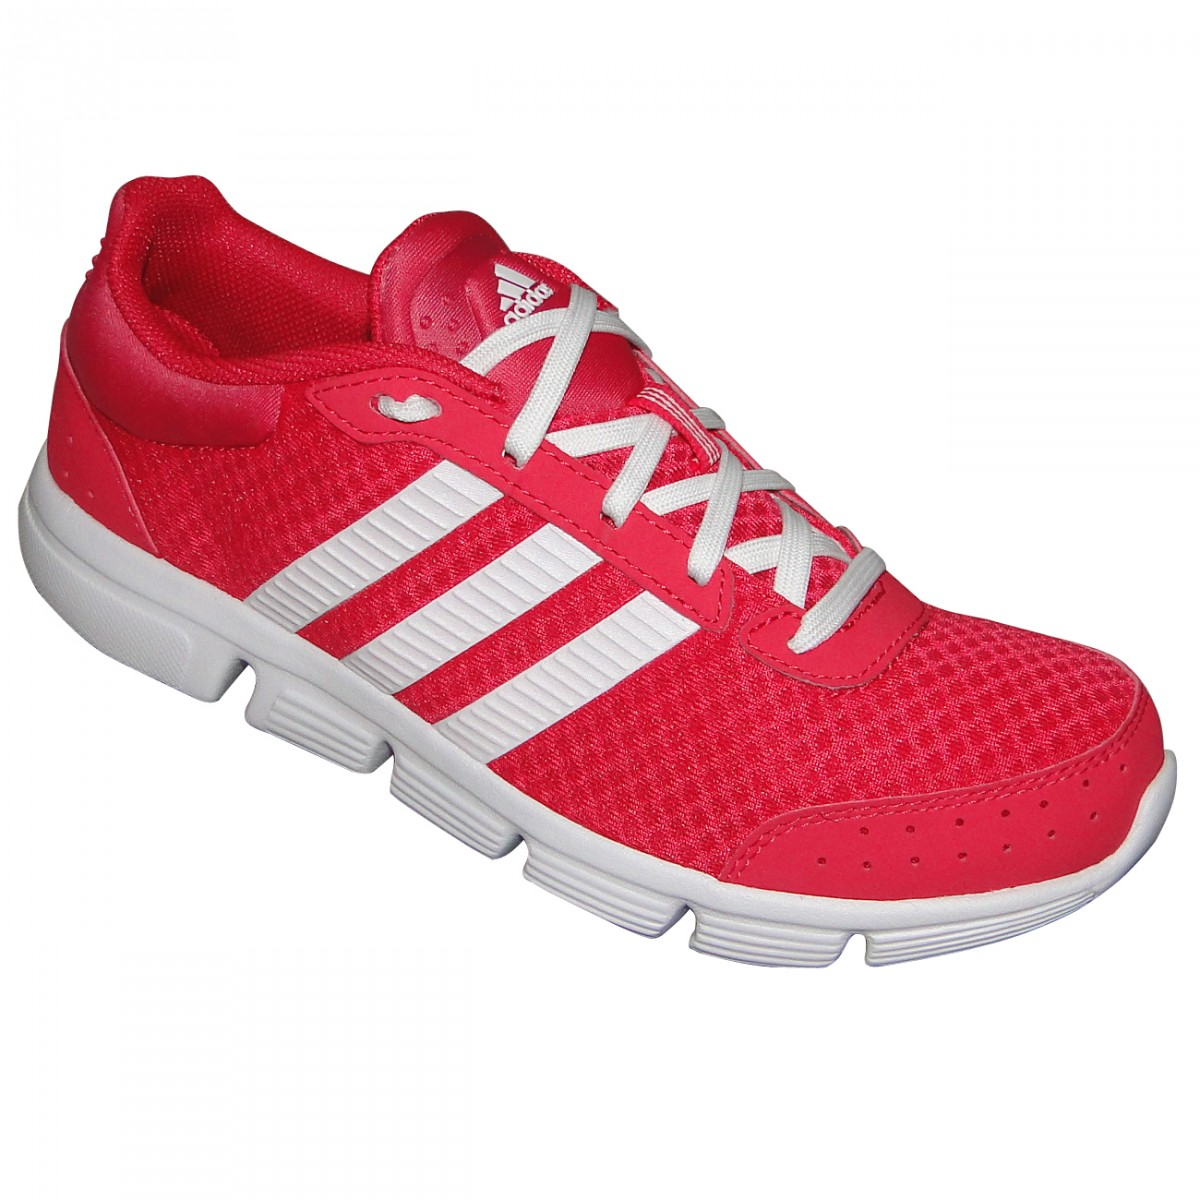 47f3255b88f Tenis Adidas Breeze Q21100 - Pink Branco - Chuteira Nike